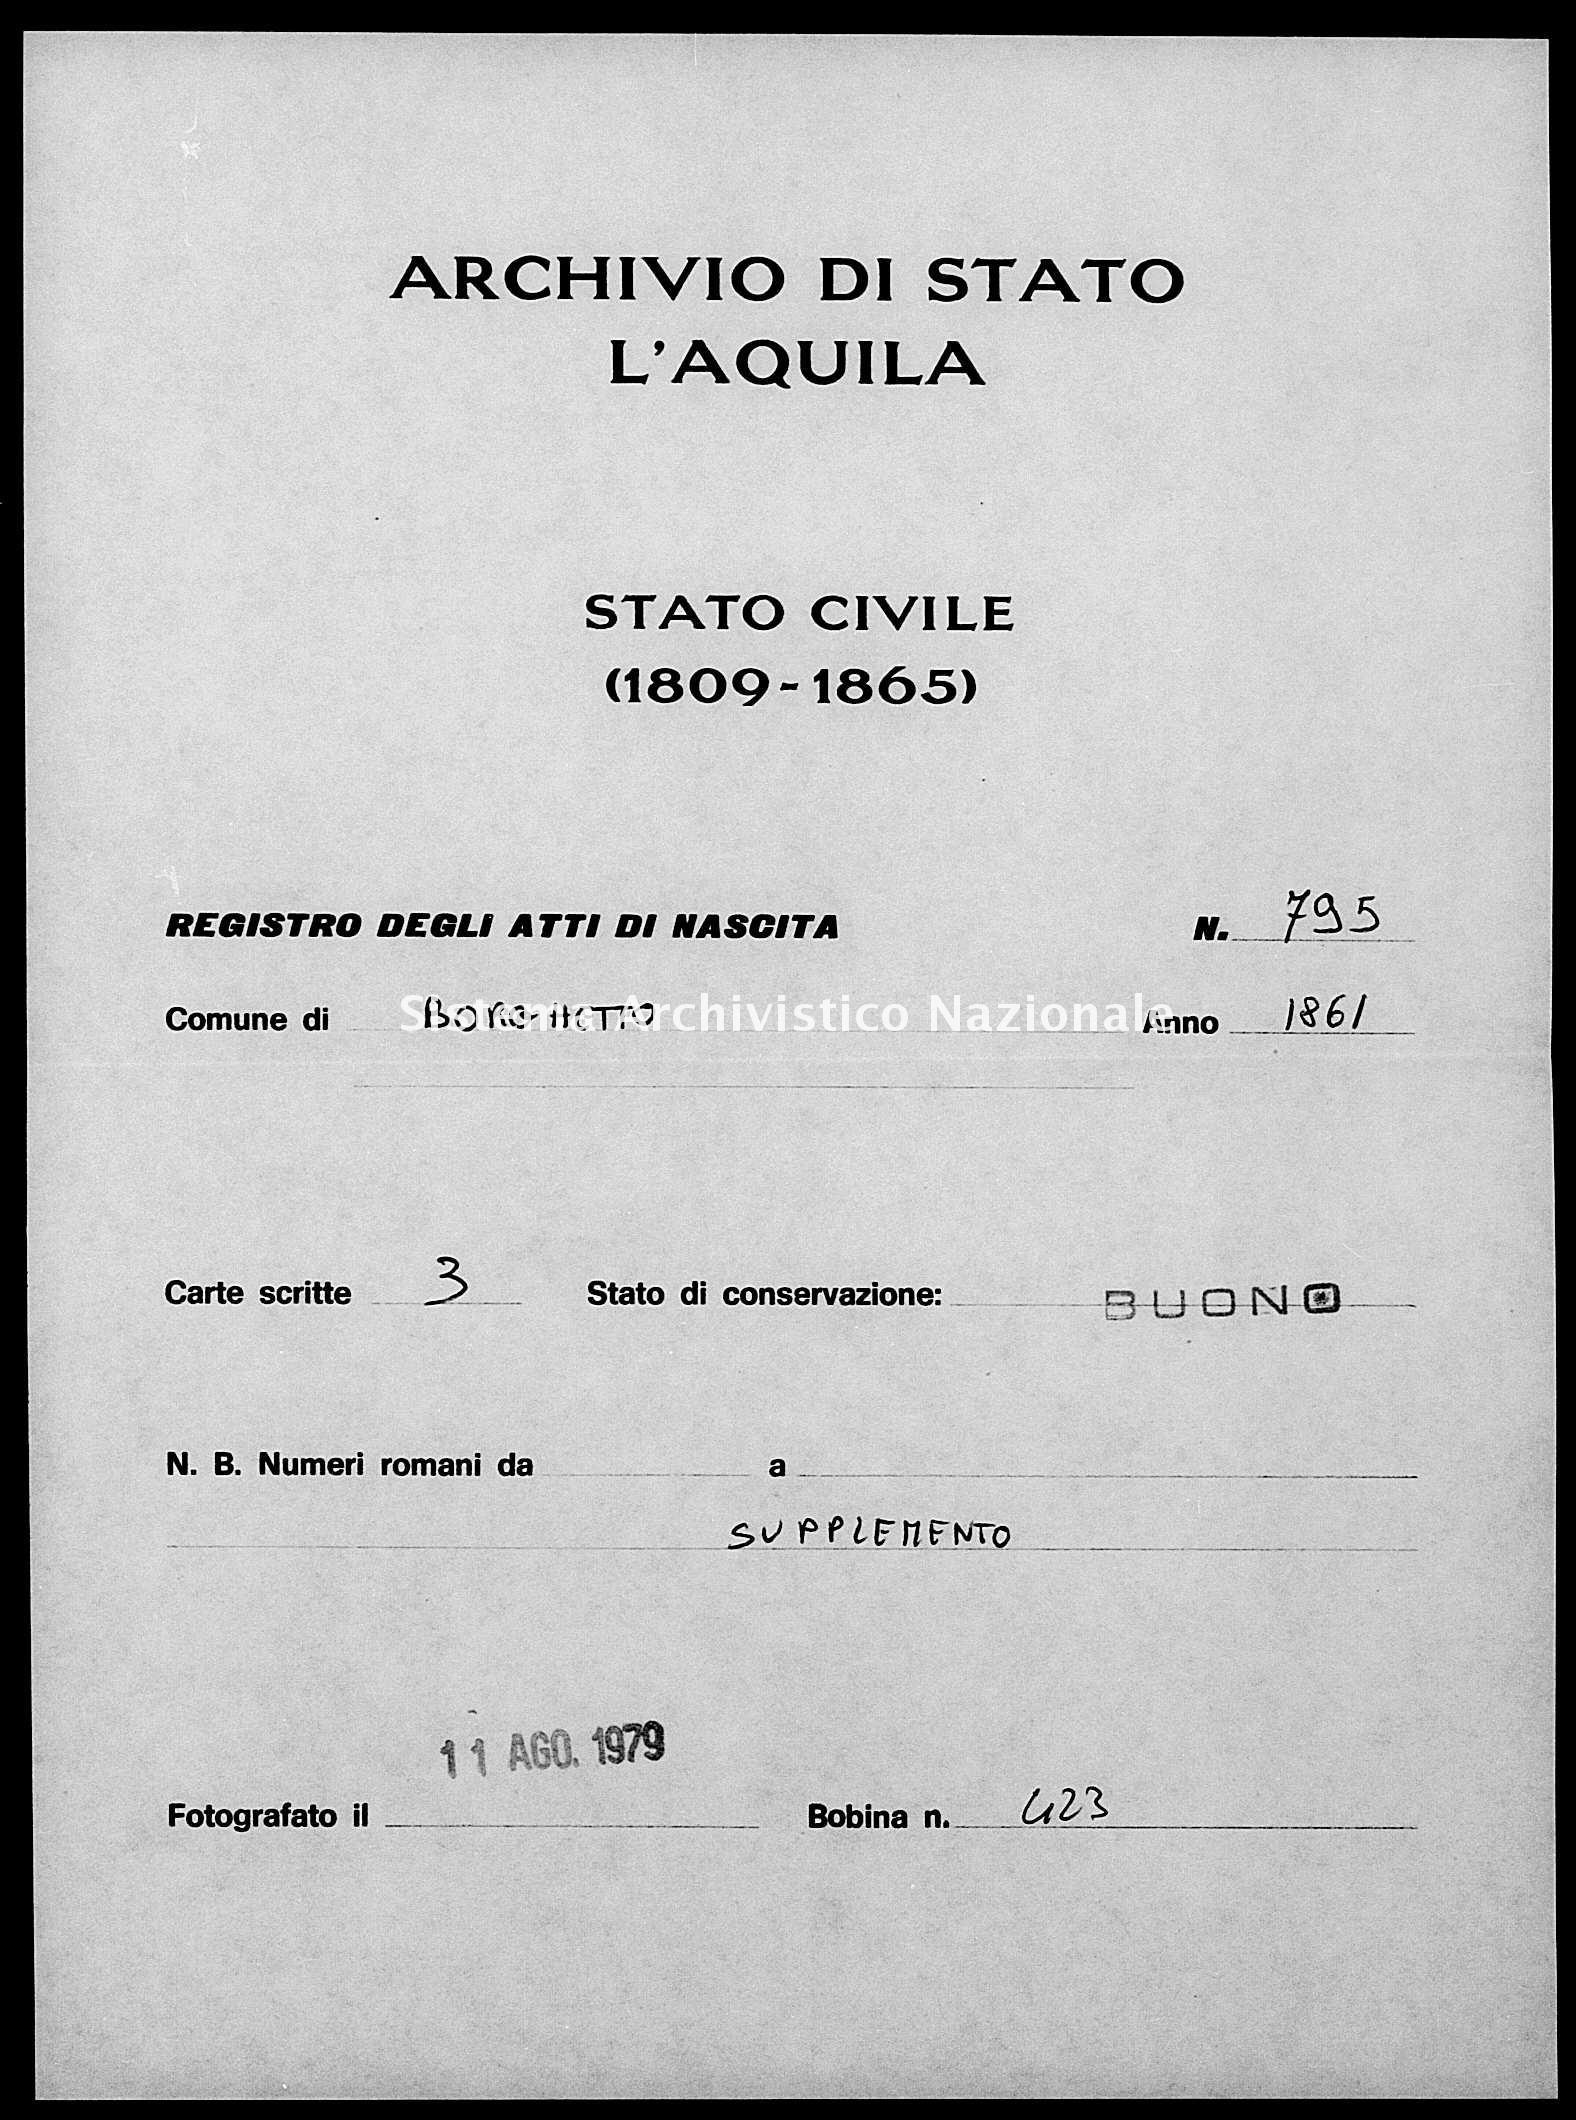 Archivio di stato di L'aquila - Stato civile italiano - Borgo Velino - Nati, esposti - 1861 - 795 -